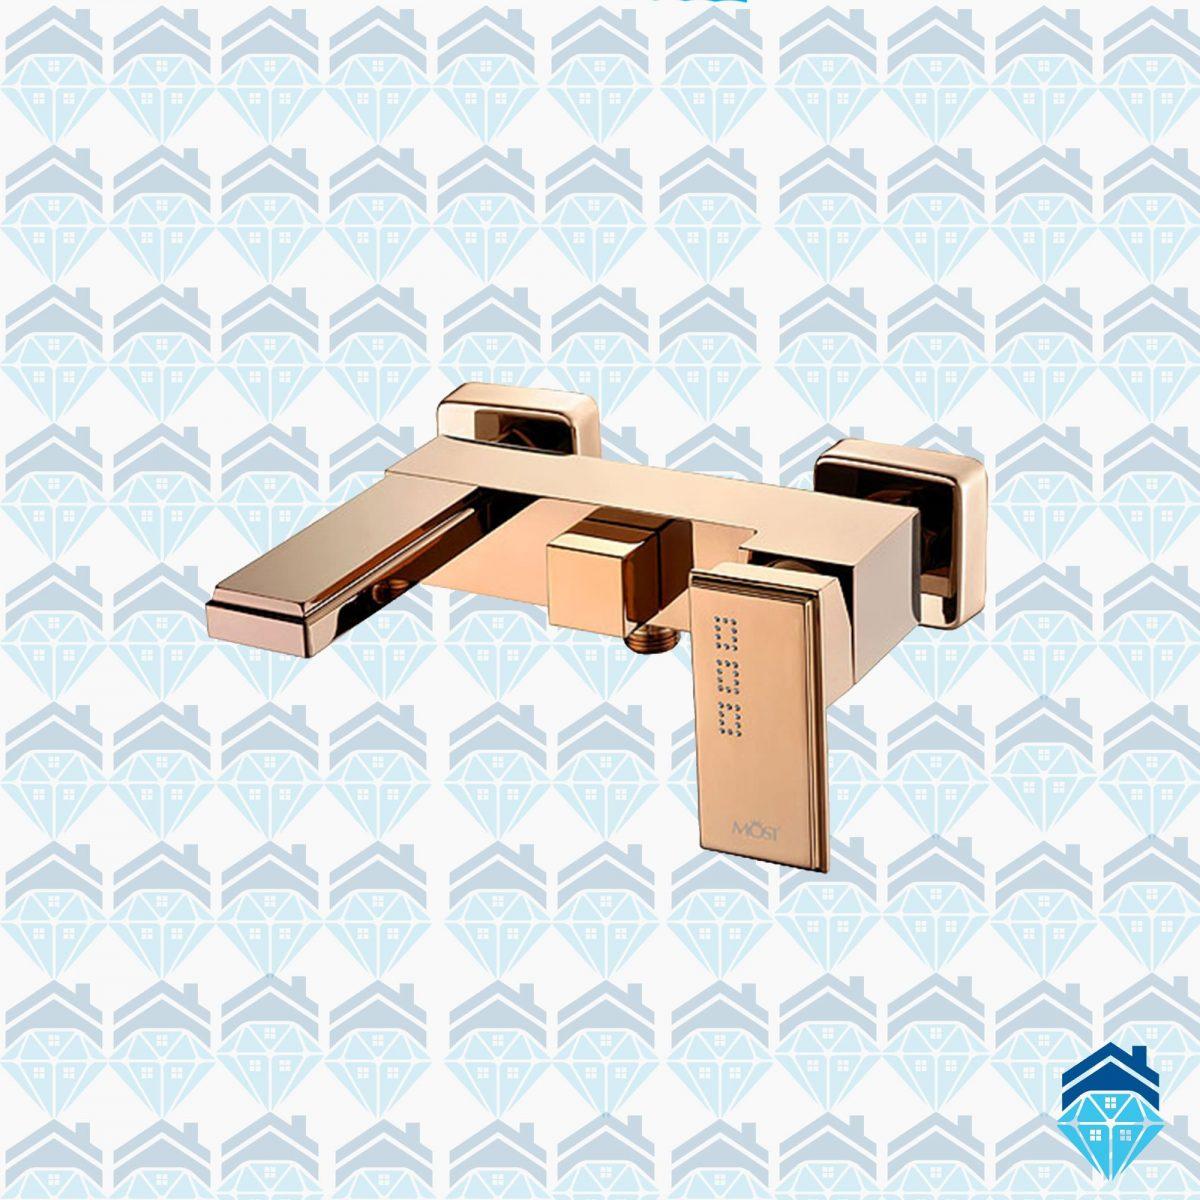 شیر حمام (دوش) موست مدل اتریش رزگلد